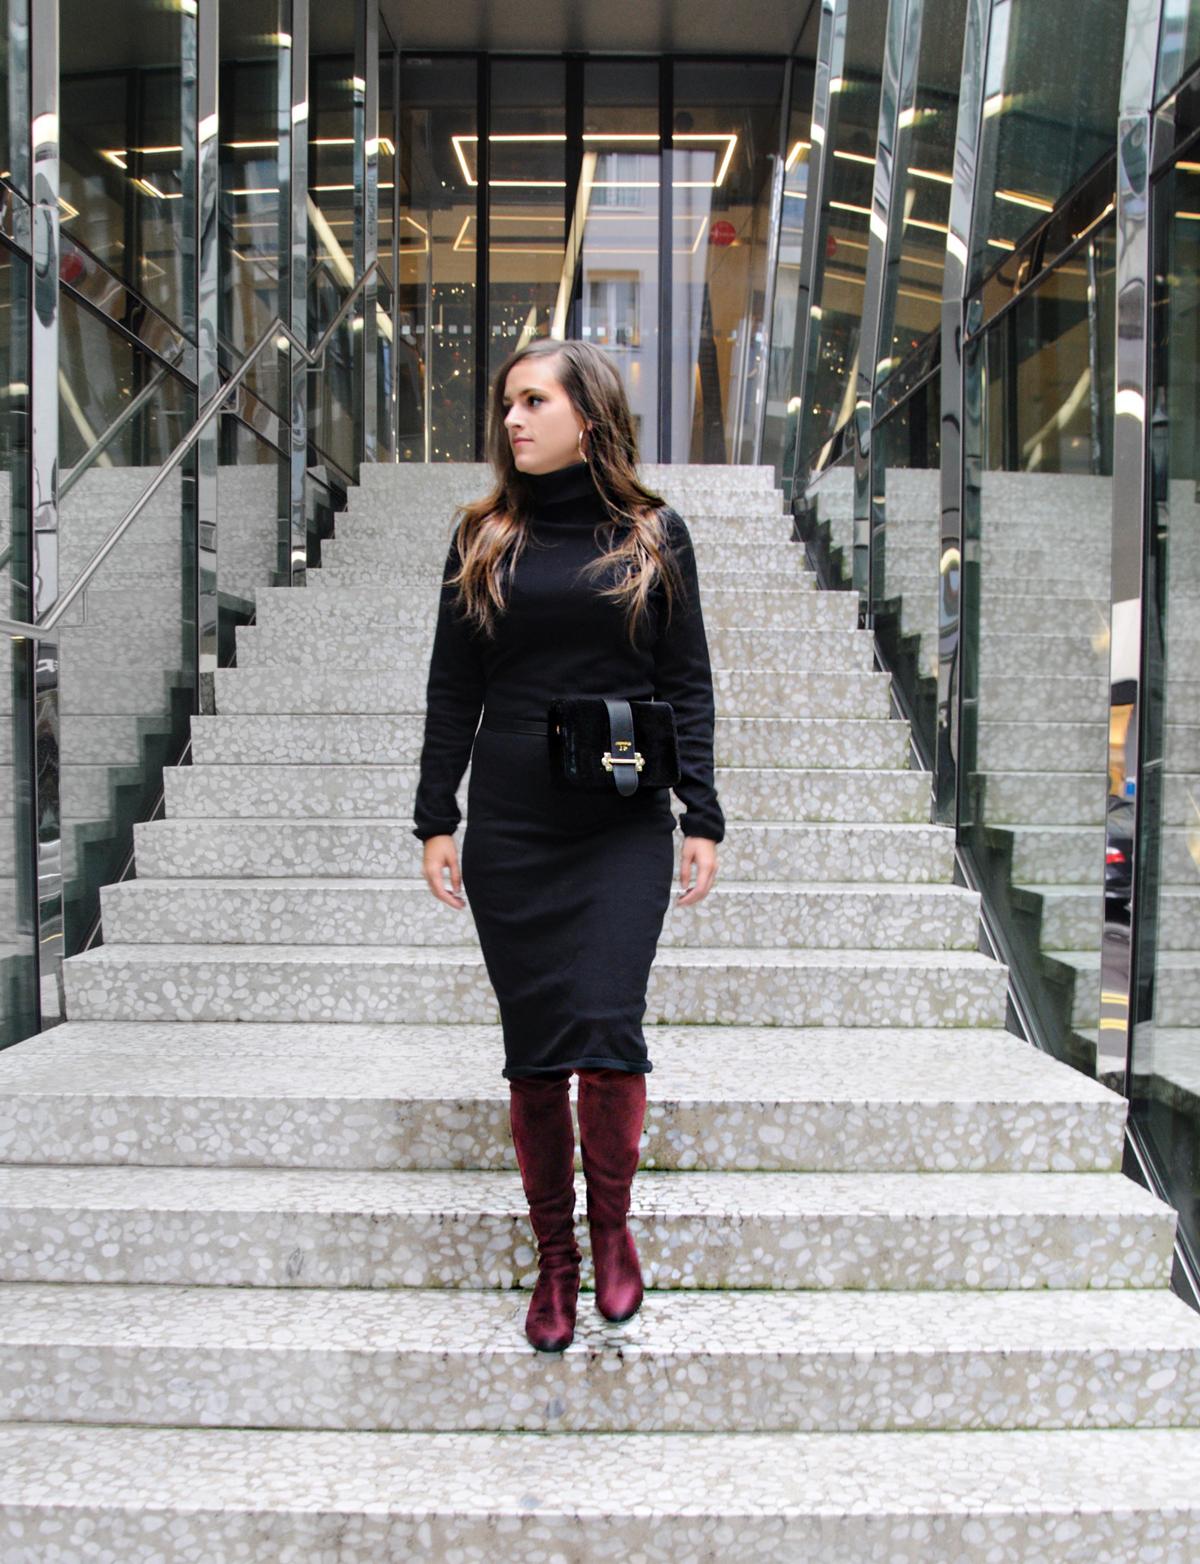 Andrea Steiner Modebloggerin aus Luzern in der Schweiz zeigt auf ihrem Mode Blog Strawberries 'n' Champagne wie Bauchtaschen diese Saison getragen werden.